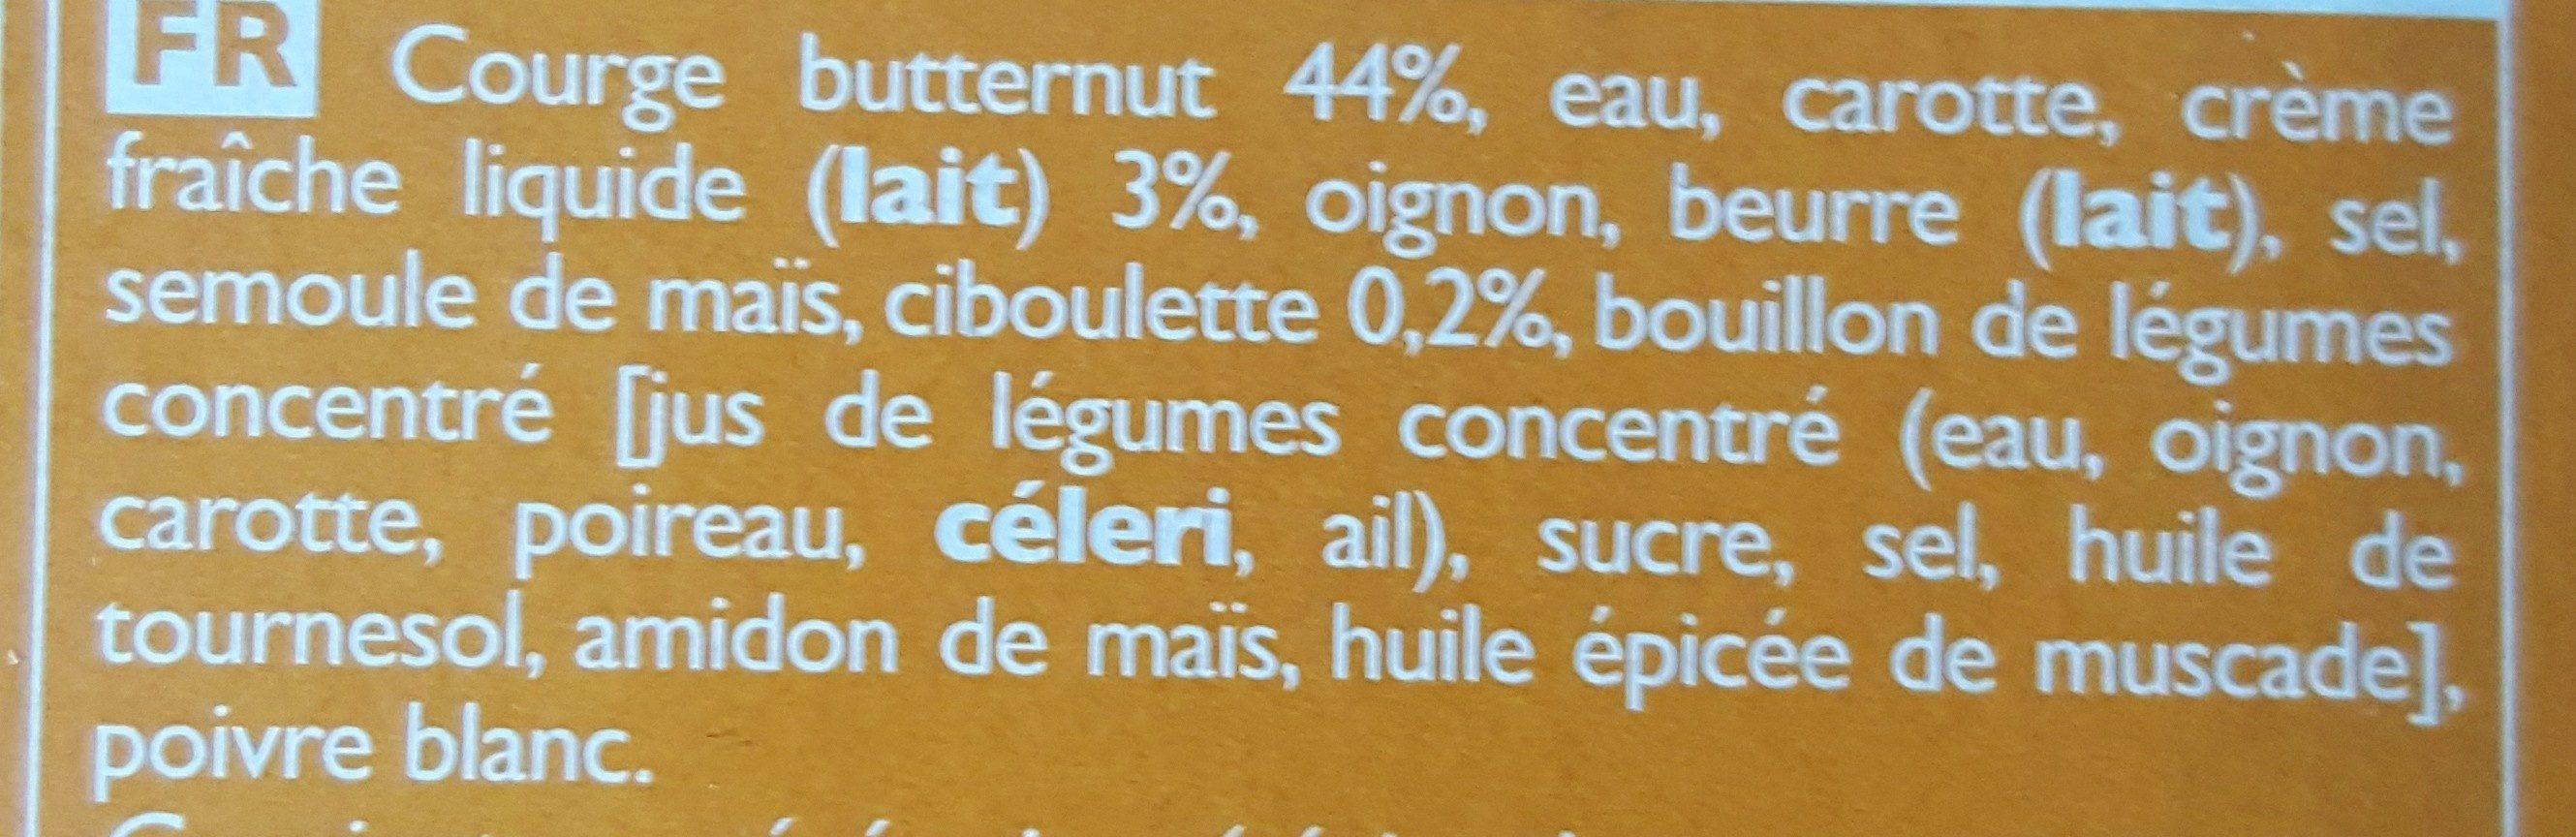 So Soupe Courge Butternut, Crème Fraîche, Ciboulette - Ingrédients - fr